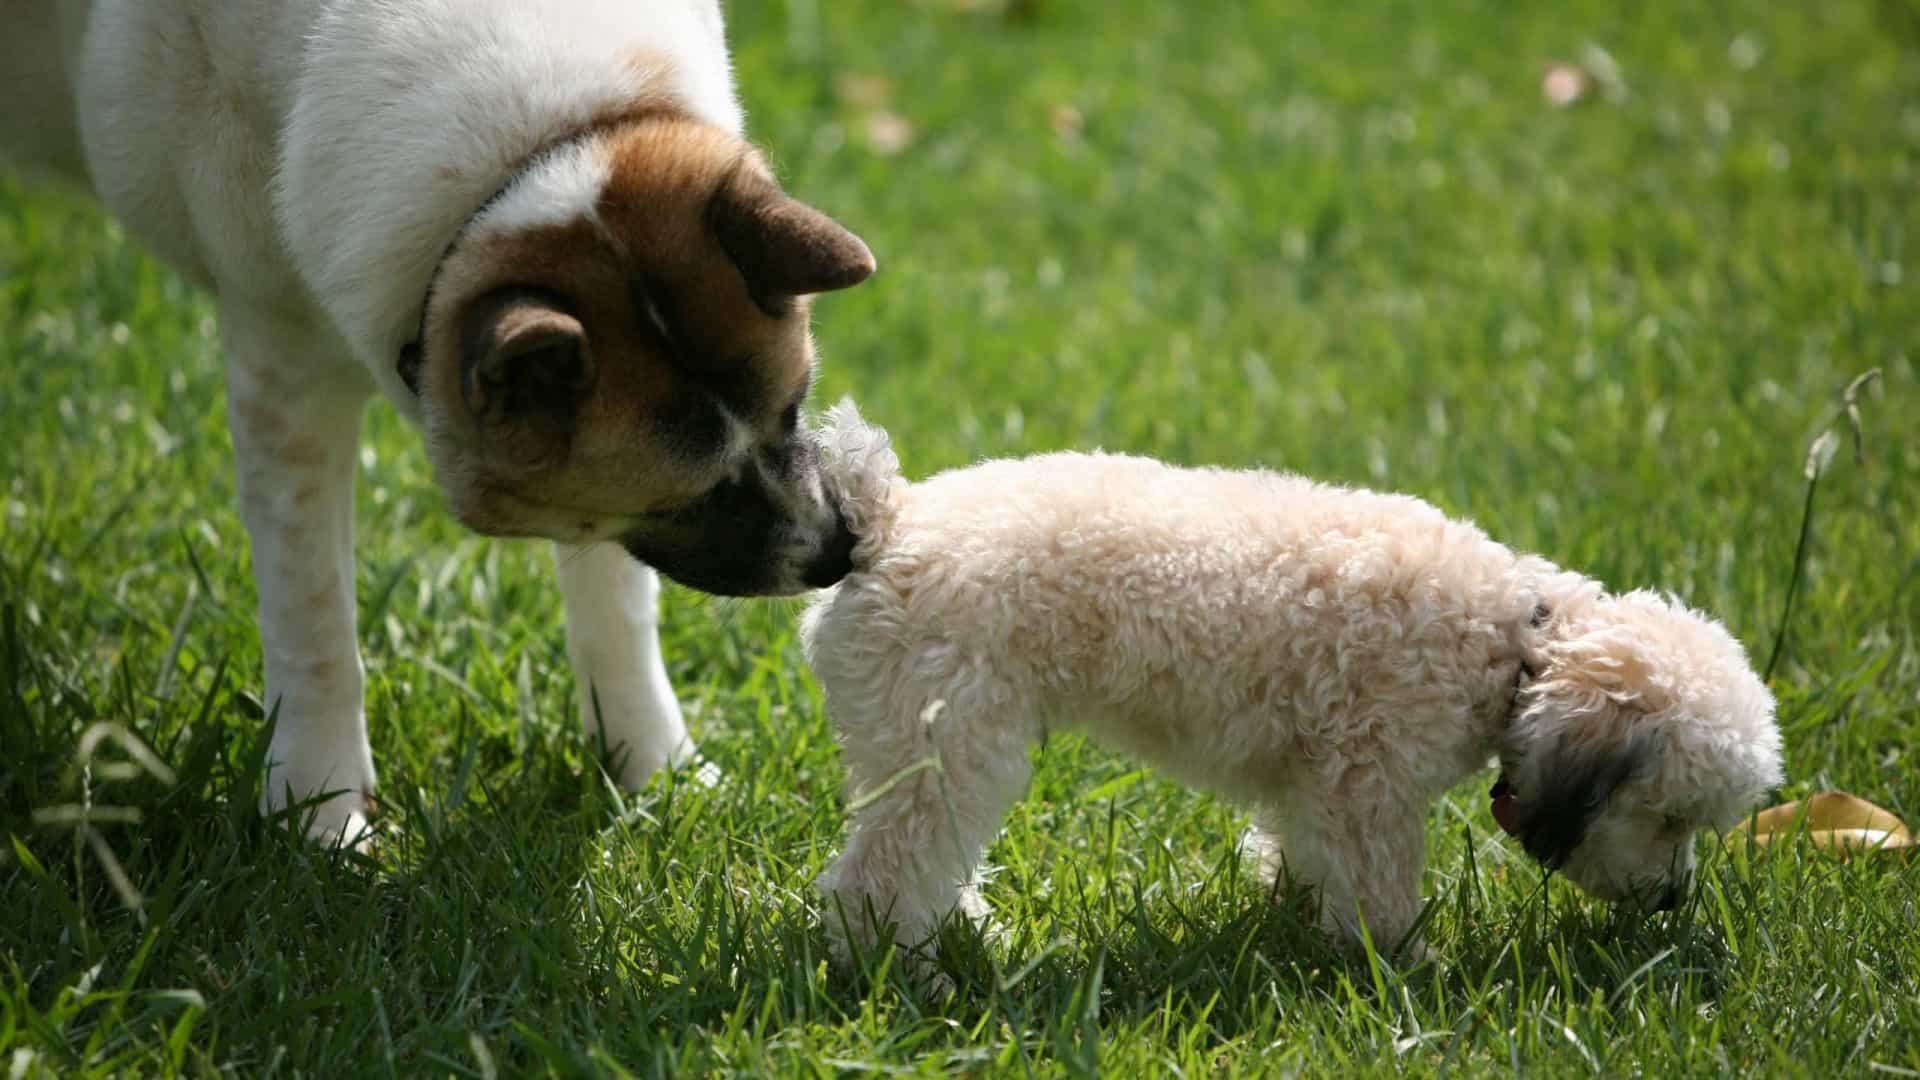 Cheirar o rabo funciona como se fosse uma espécie de cartão do cidadão canino, diz veterinária. Foto: iStock.